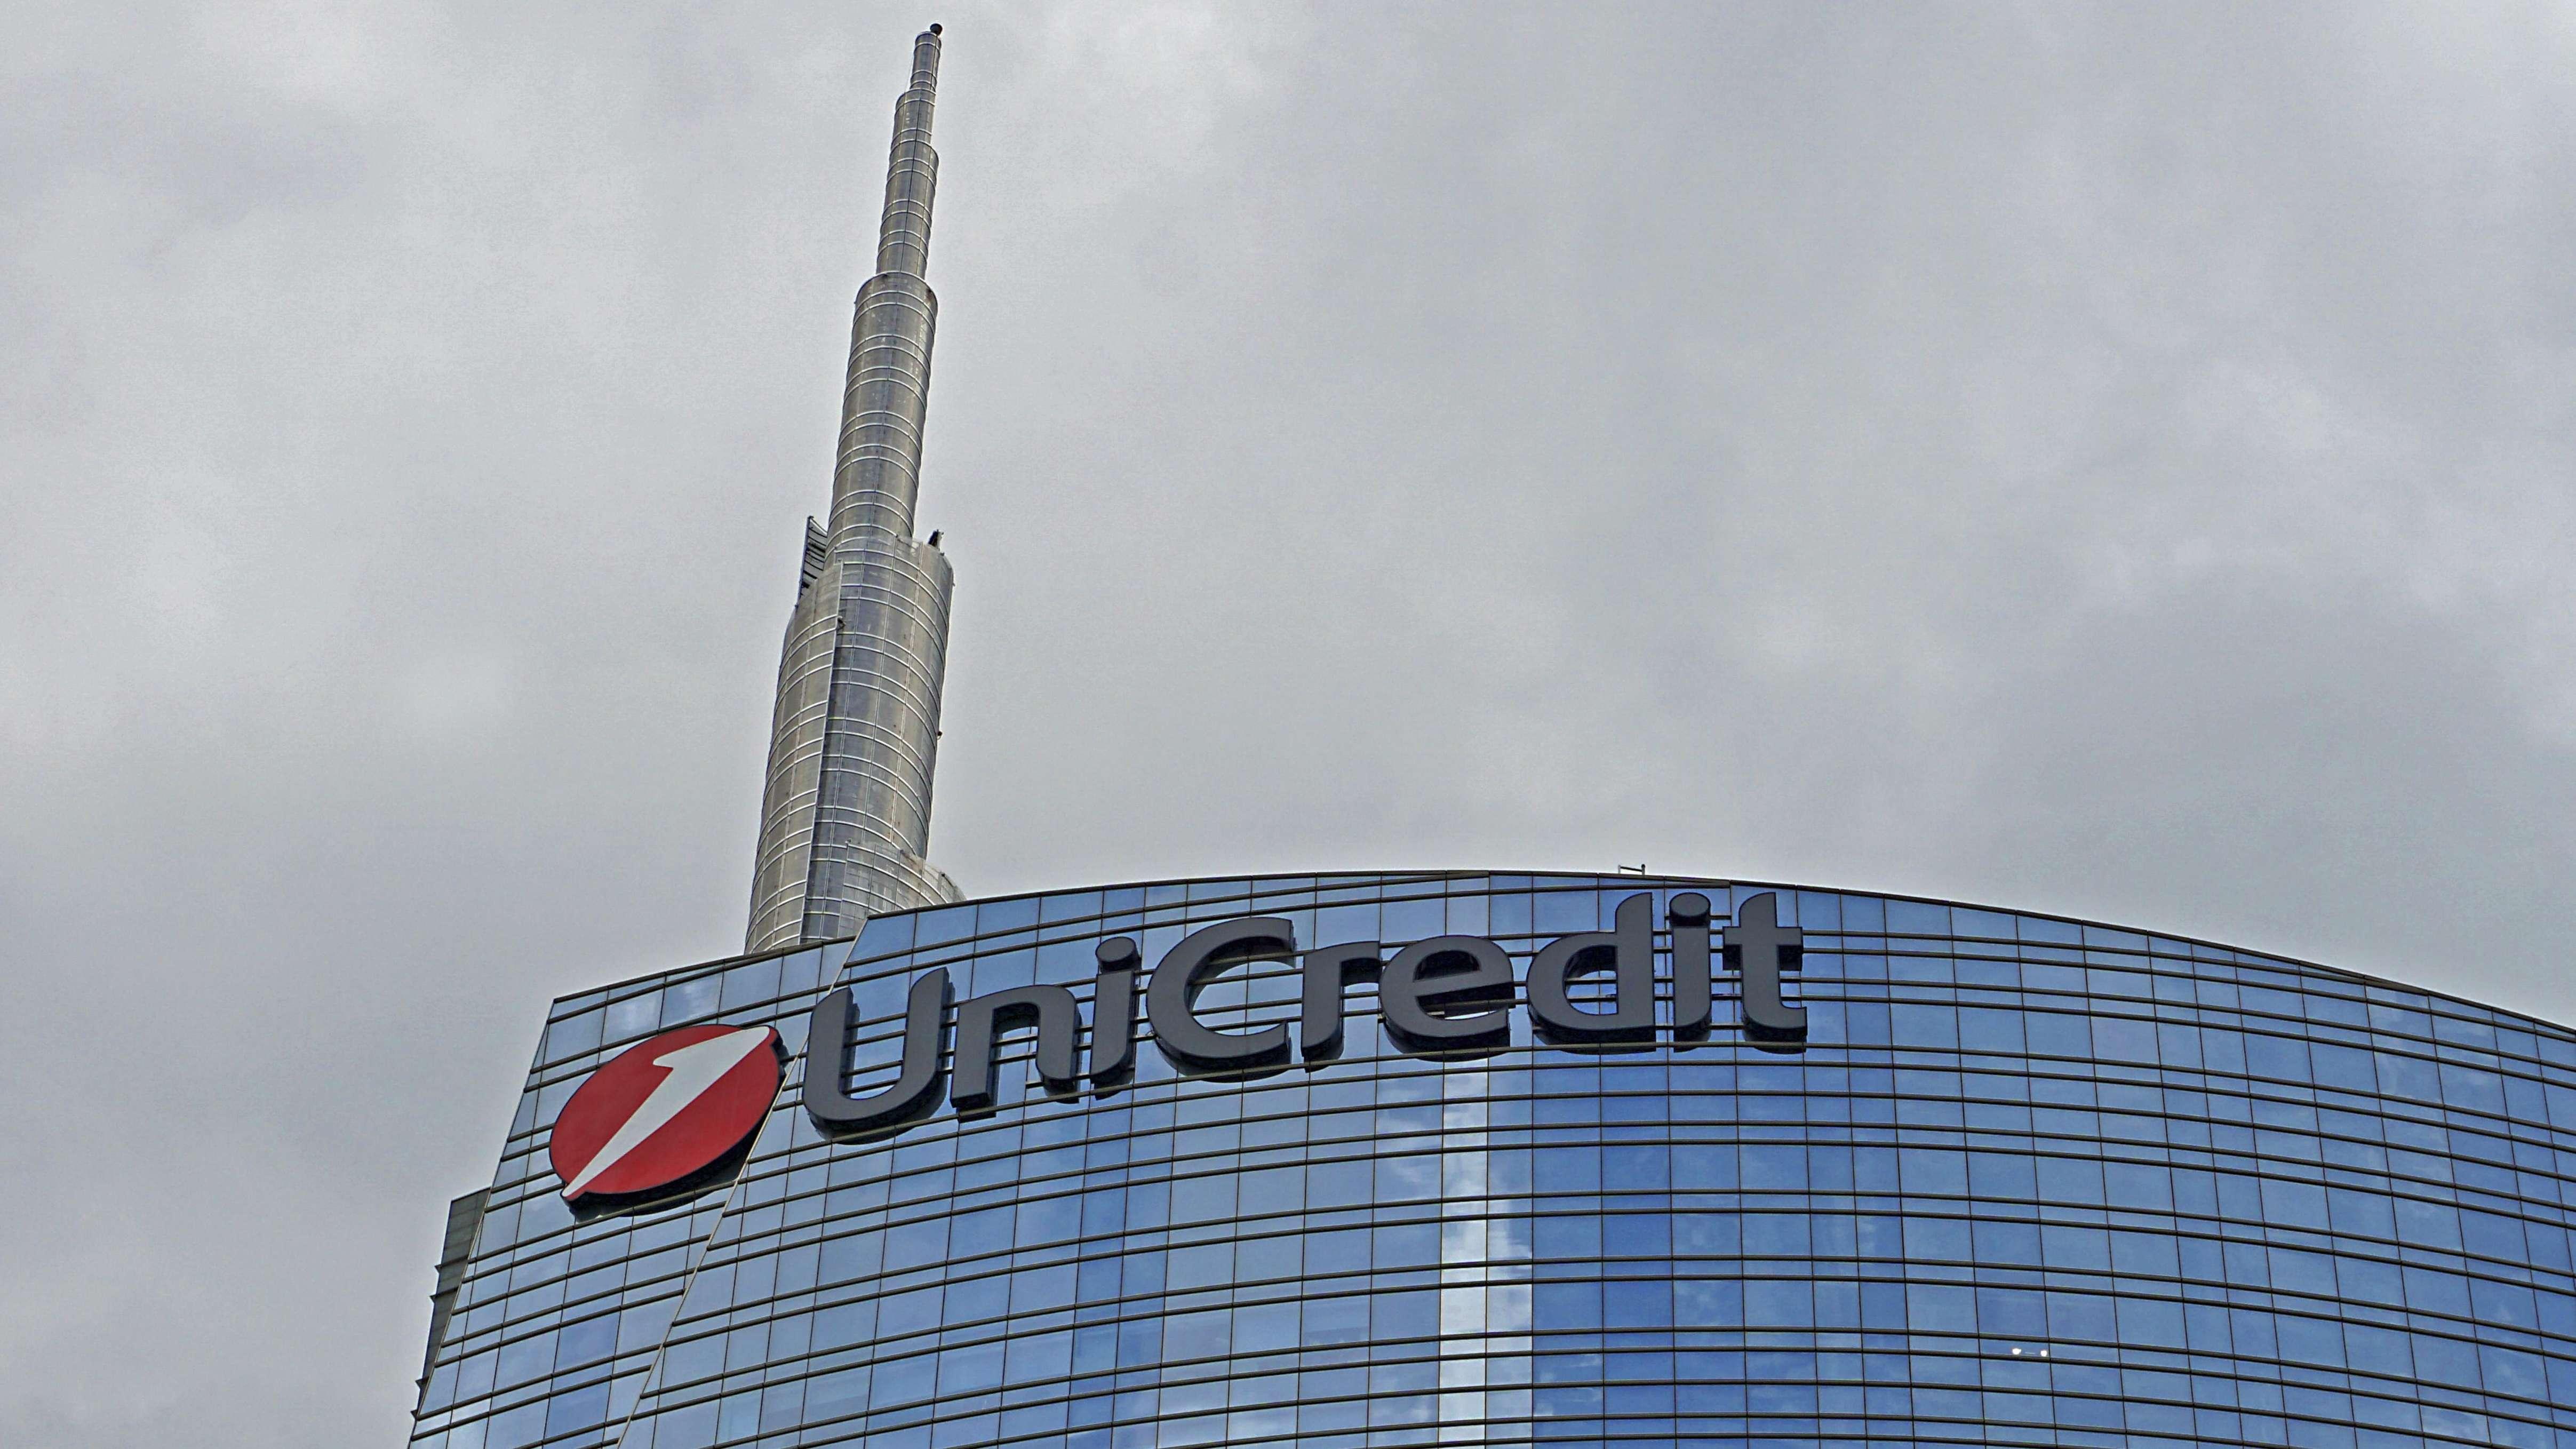 Das Hochhaus Torre Unicredit in Mailand